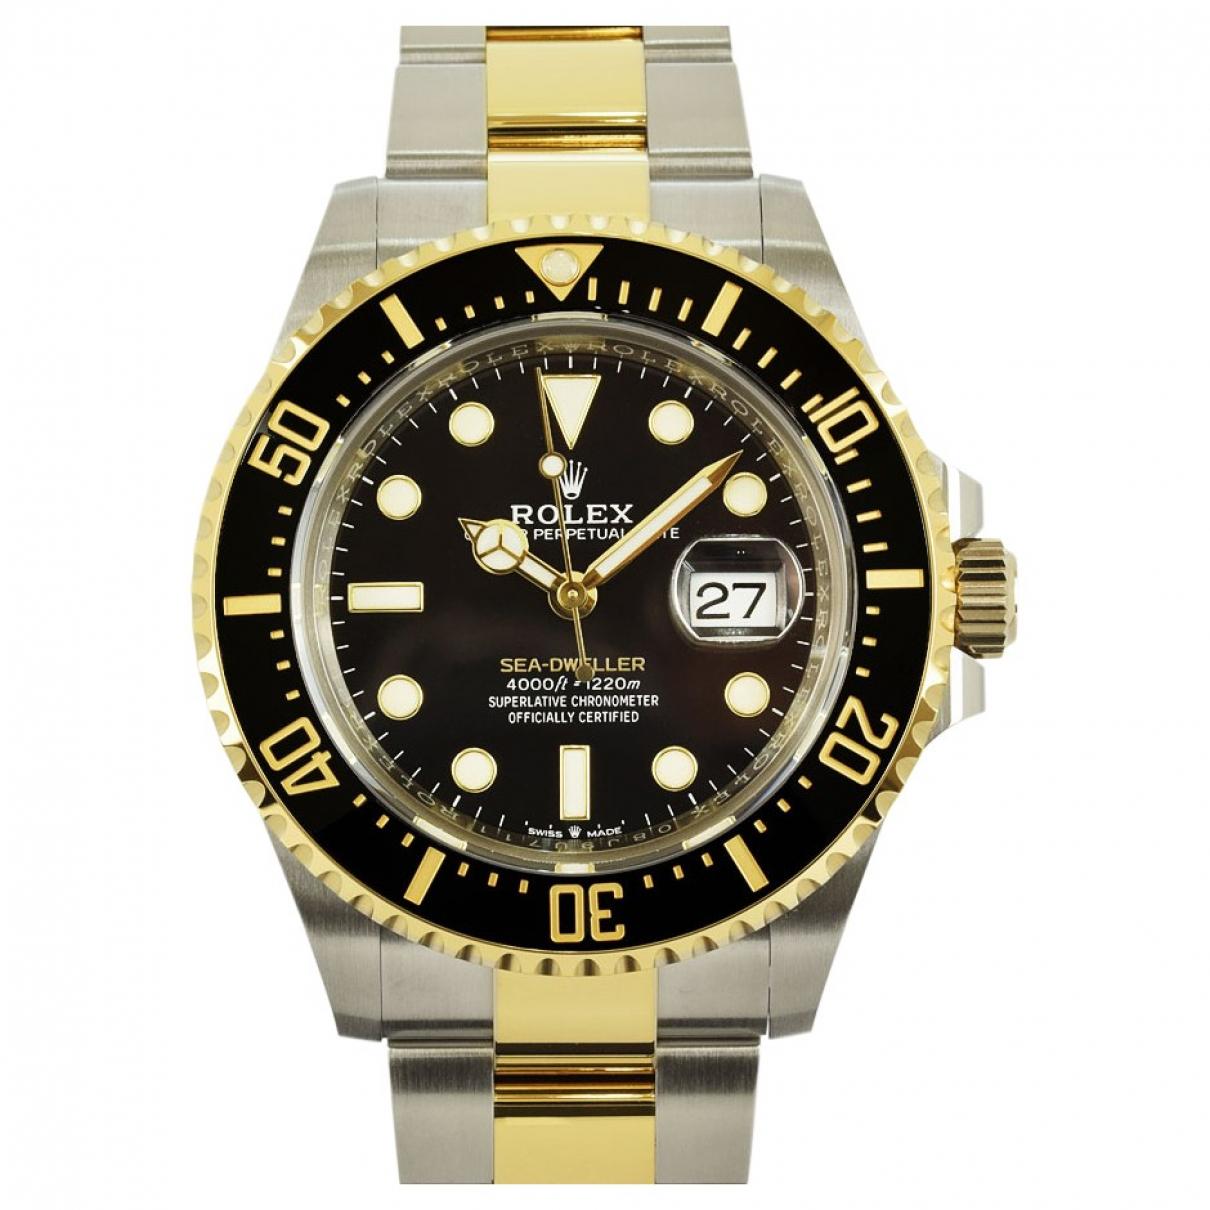 Rolex Sea-Dweller Uhr in  Schwarz Gold und Stahl